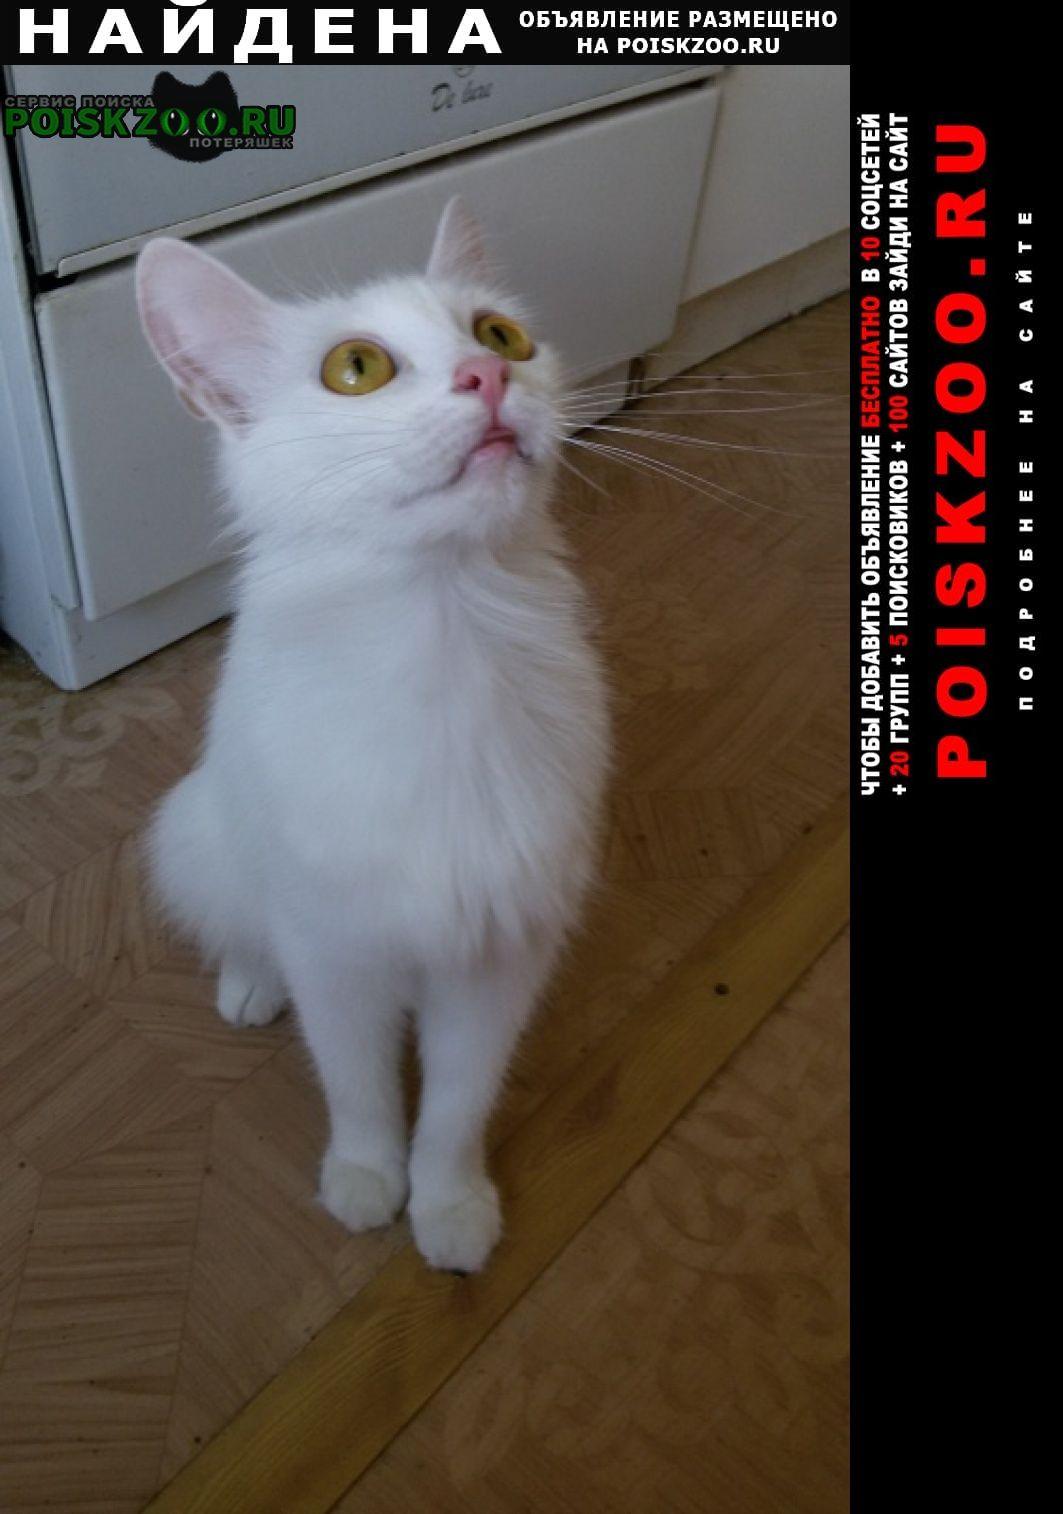 Найдена кошка в тзр г. ул.ополченская 28 Волгоград